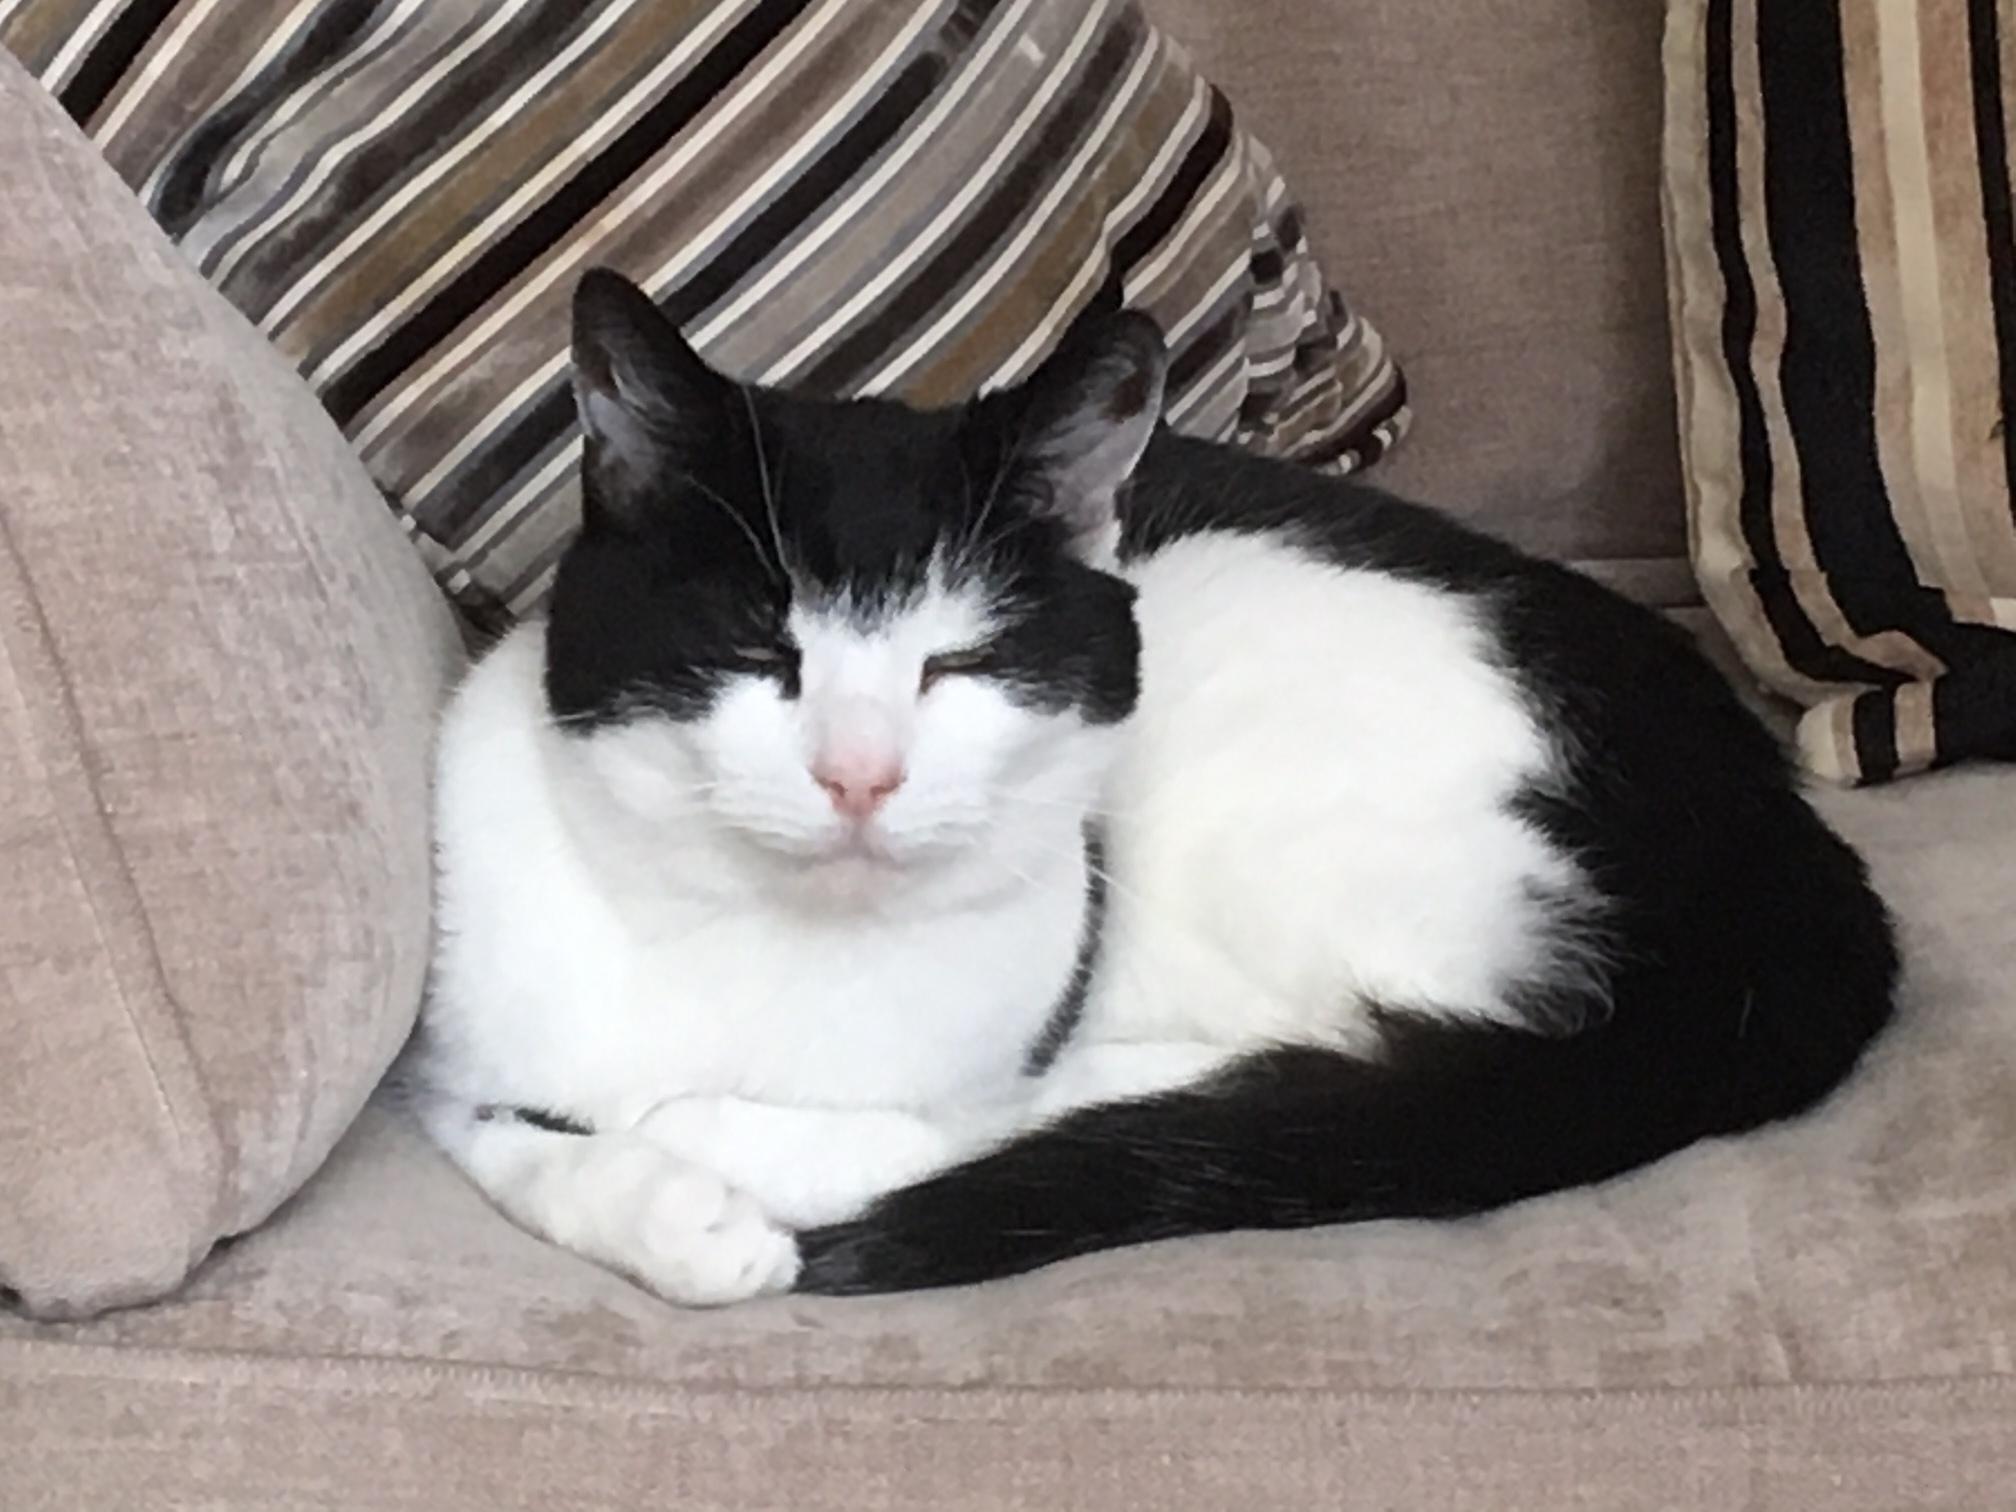 Oscar - Adopted May 17